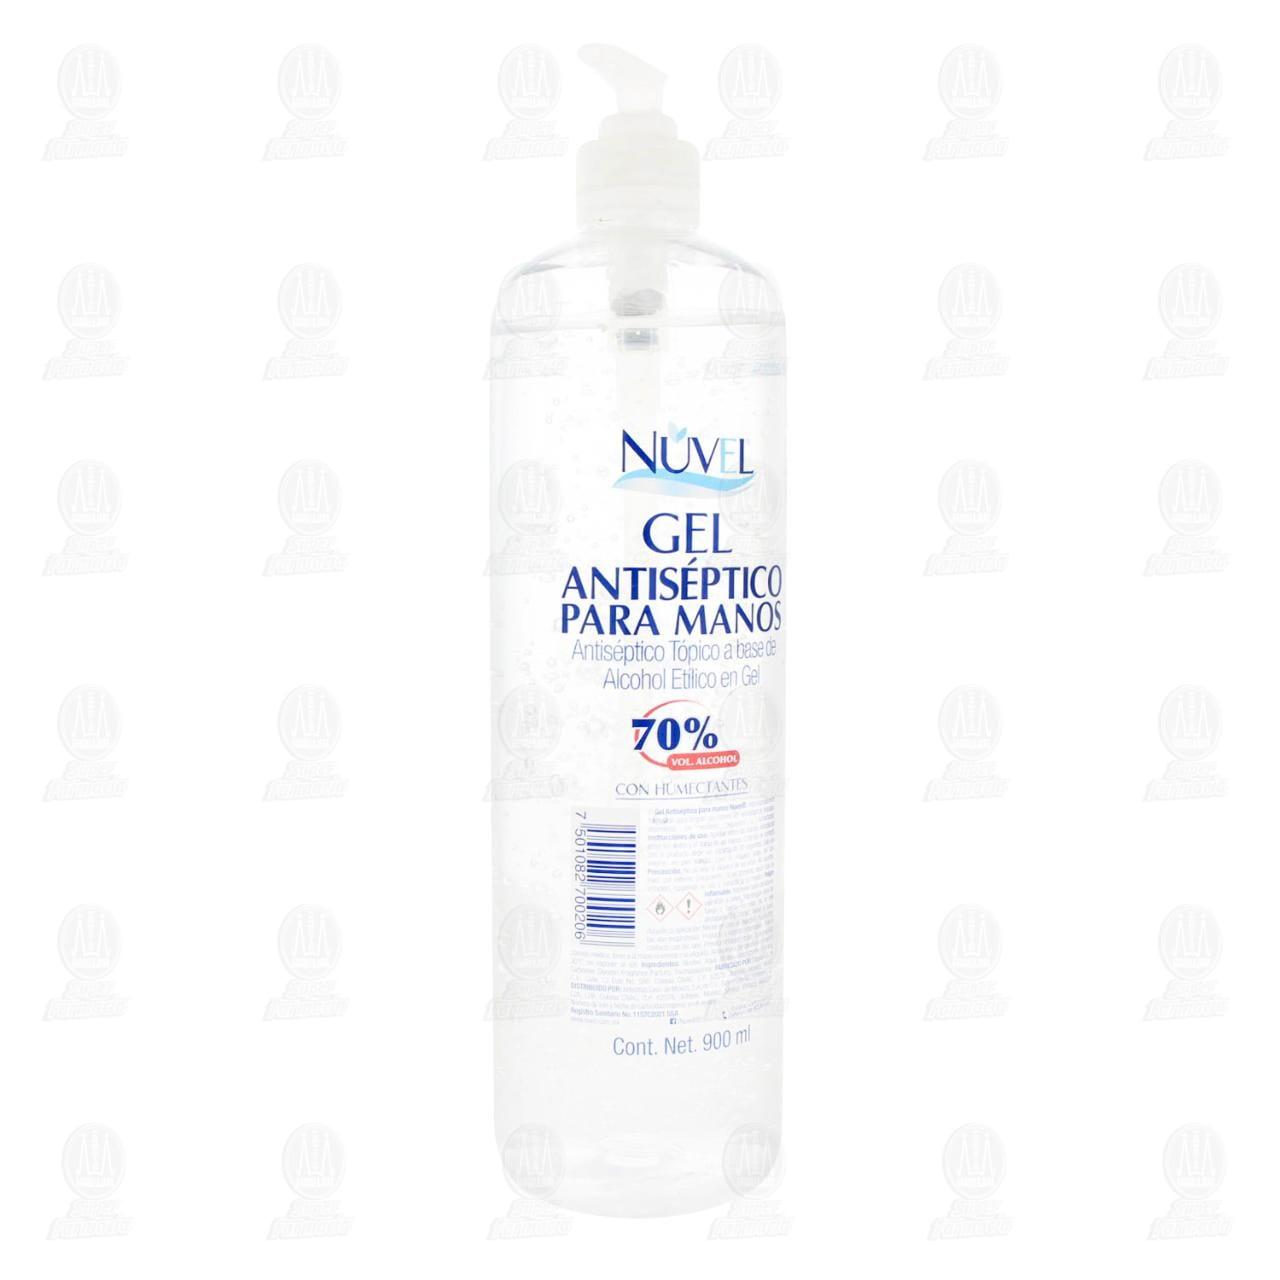 comprar https://www.movil.farmaciasguadalajara.com/wcsstore/FGCAS/wcs/products/1089048_A_1280_AL.jpg en farmacias guadalajara